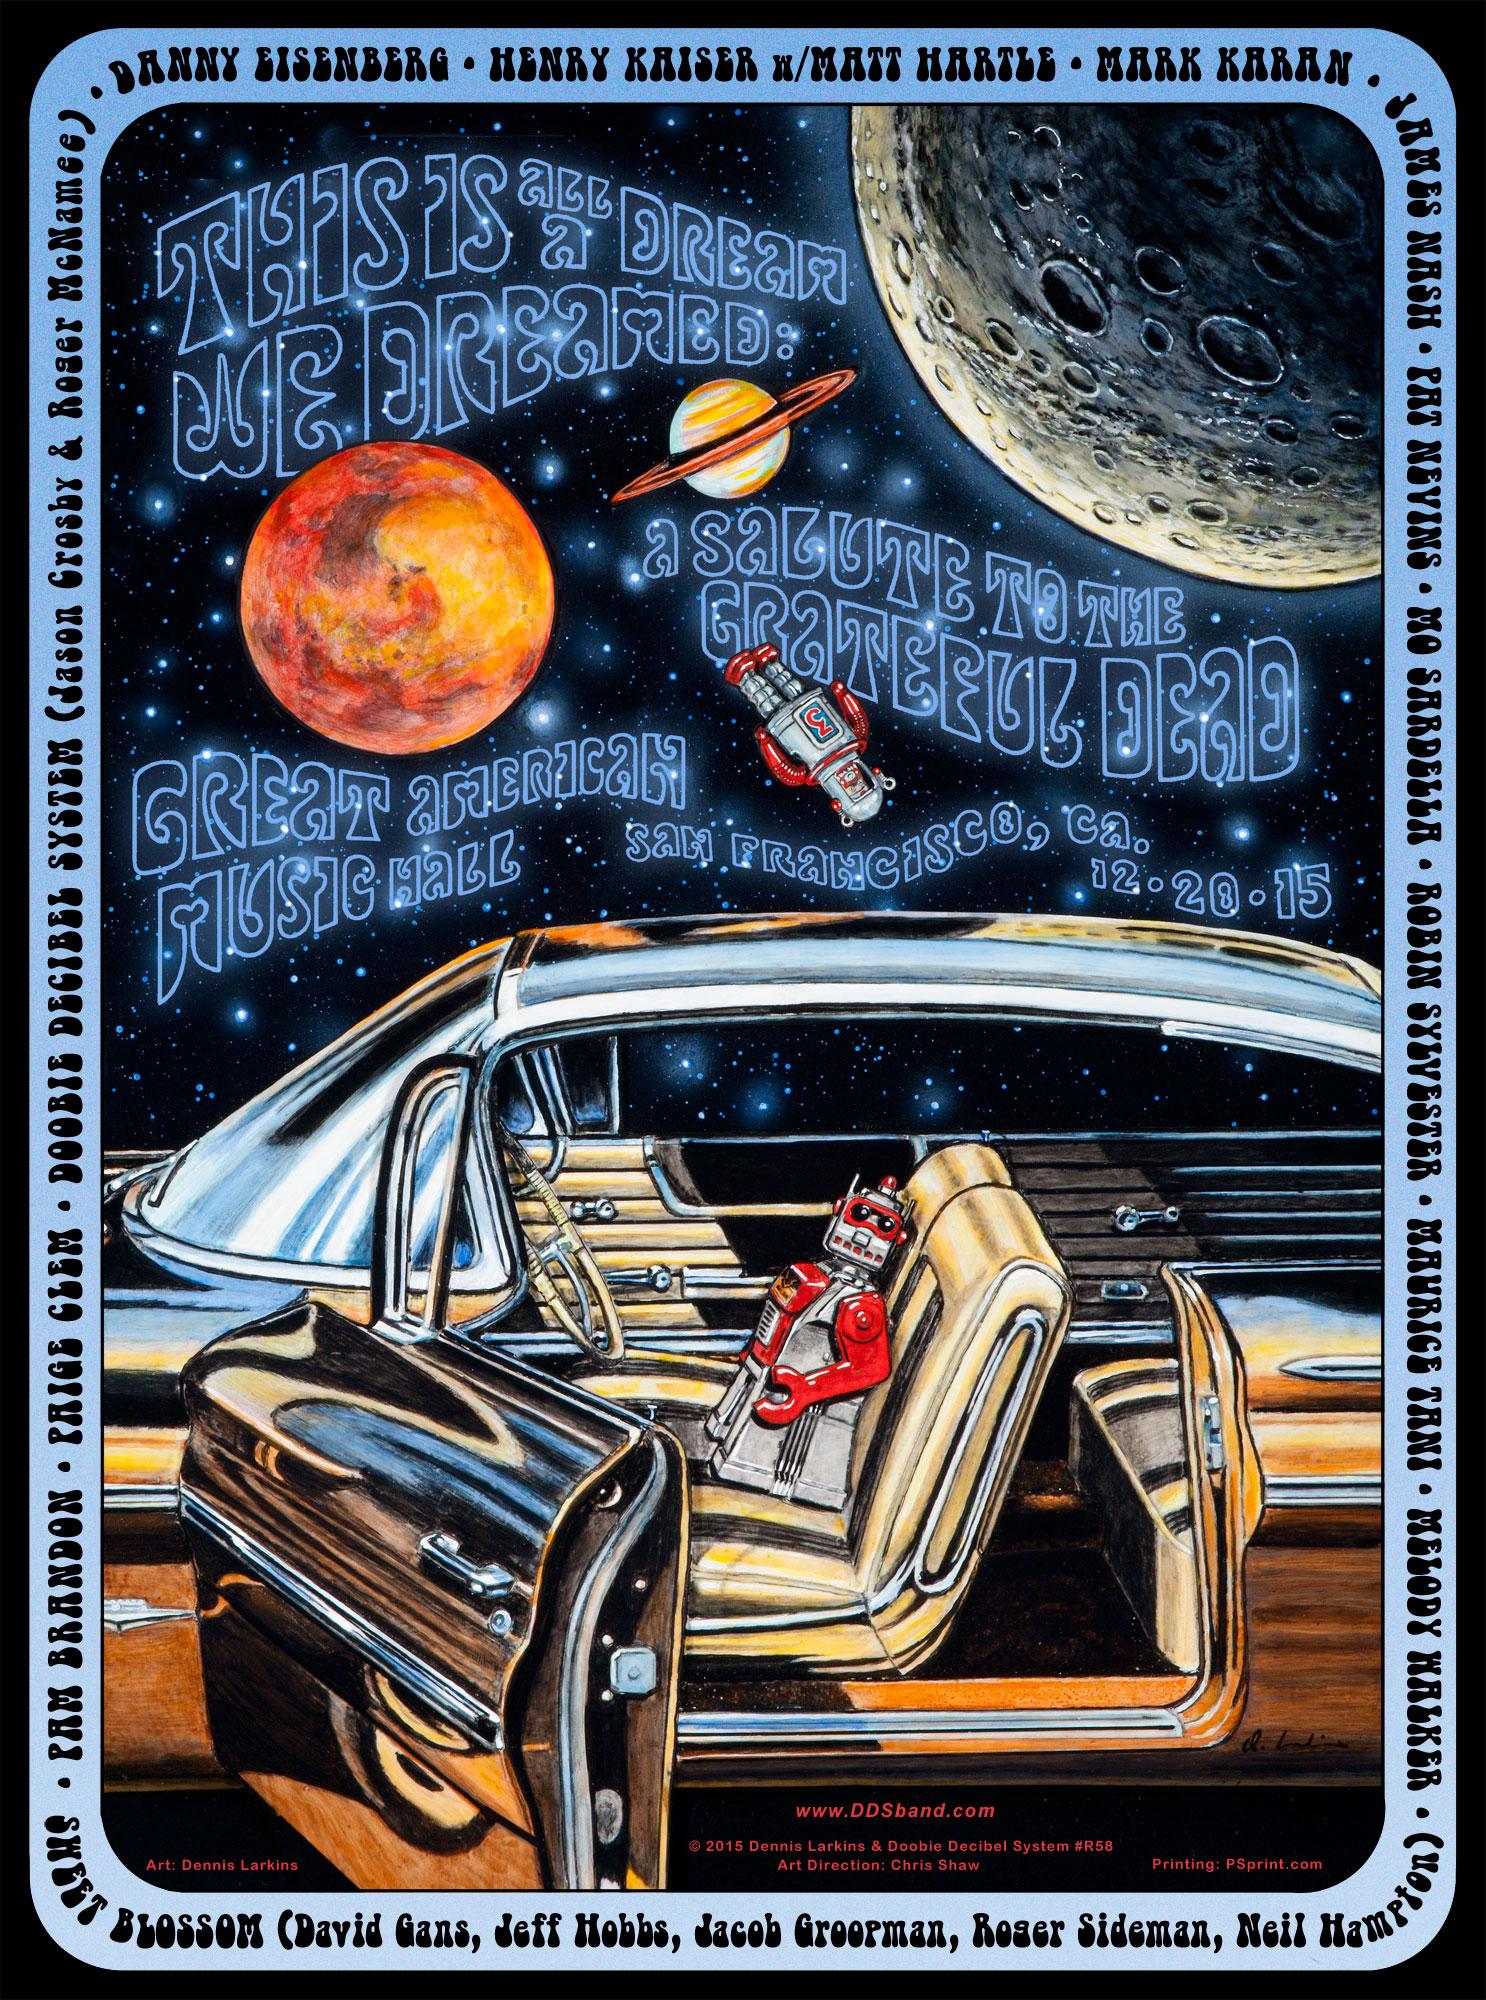 Larkins-DDS Dream-Poster-12-20-15.jpg